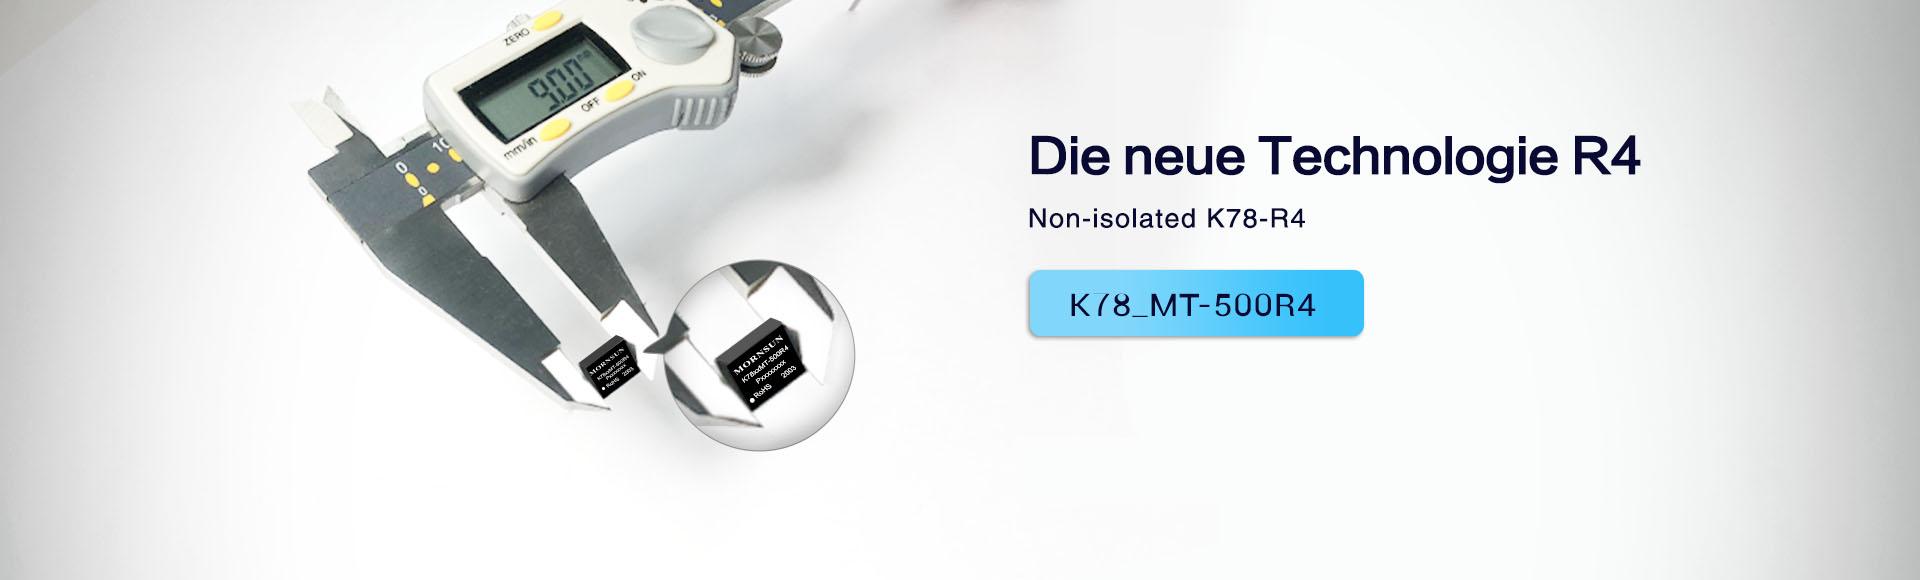 Mornsun Ultraflacher K78-Konverter im Gehäuse DFN